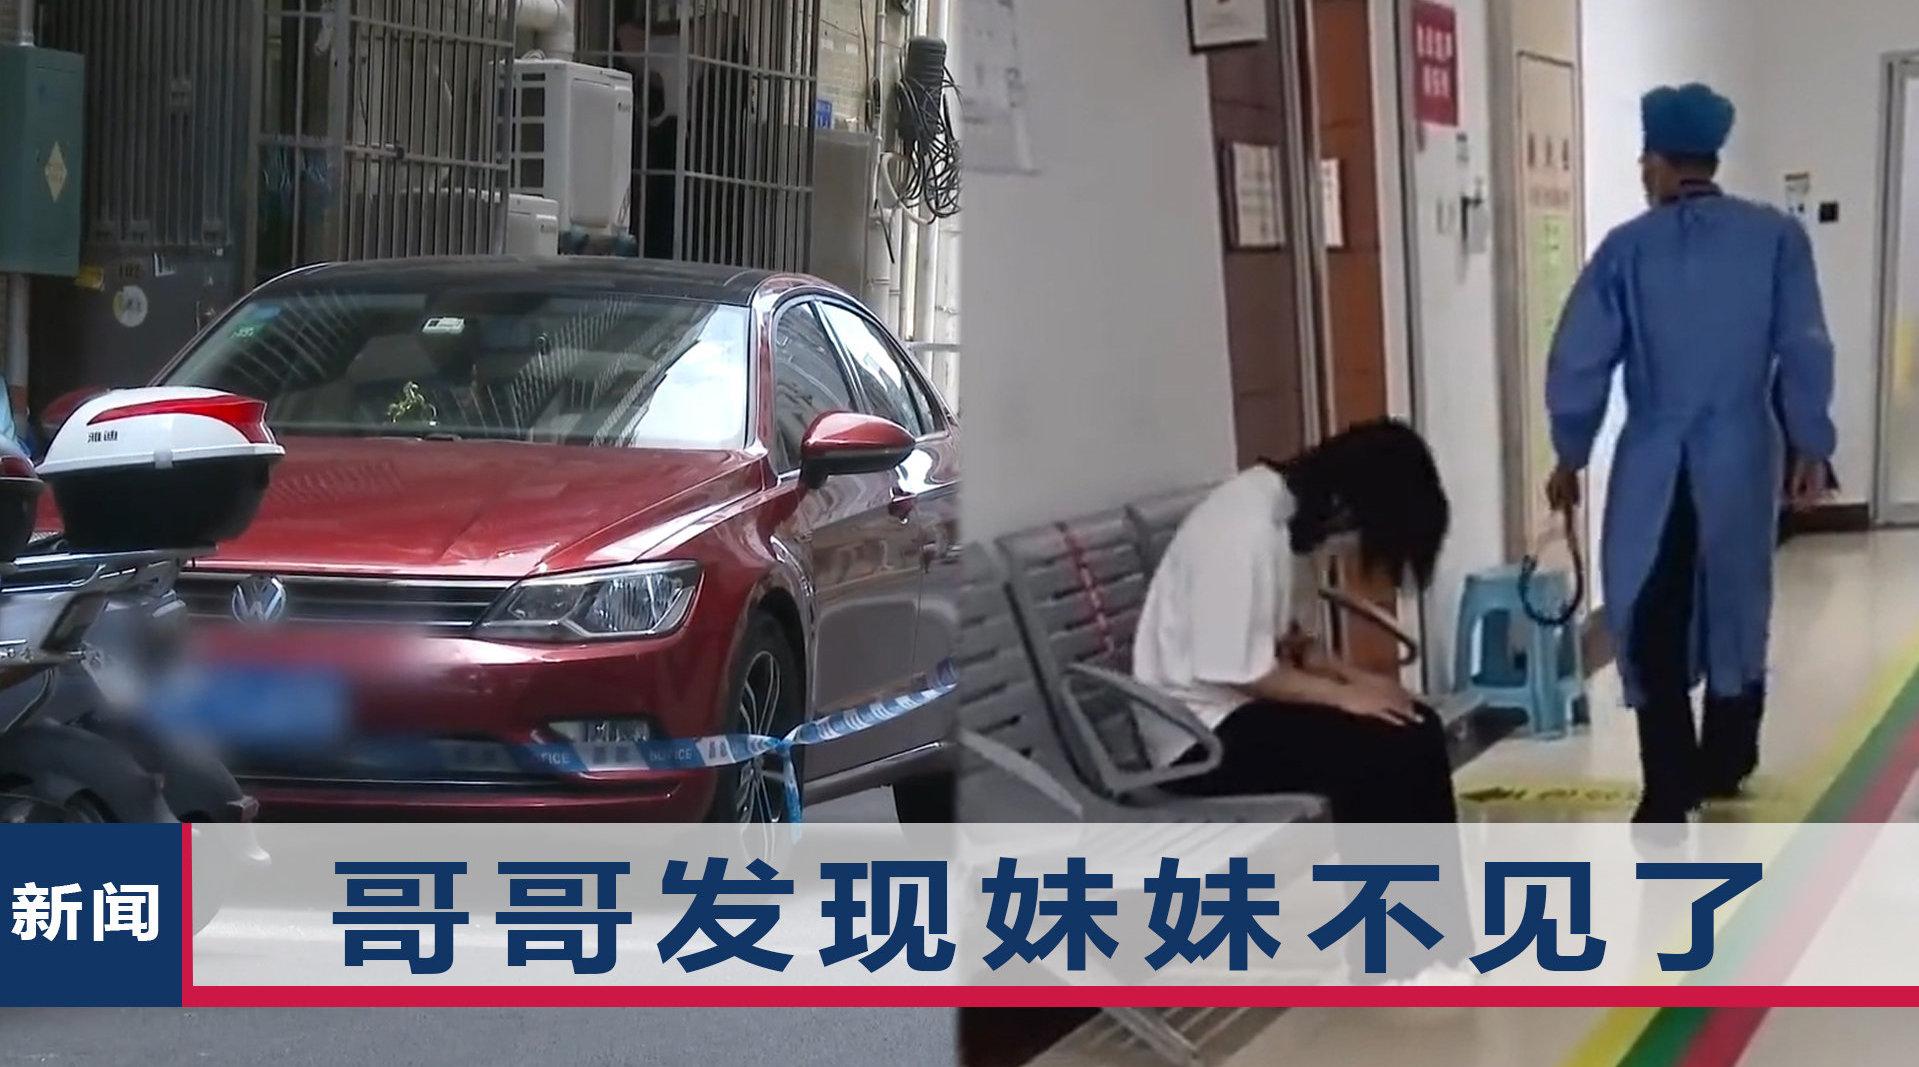 3岁女童被锁自家车内身亡